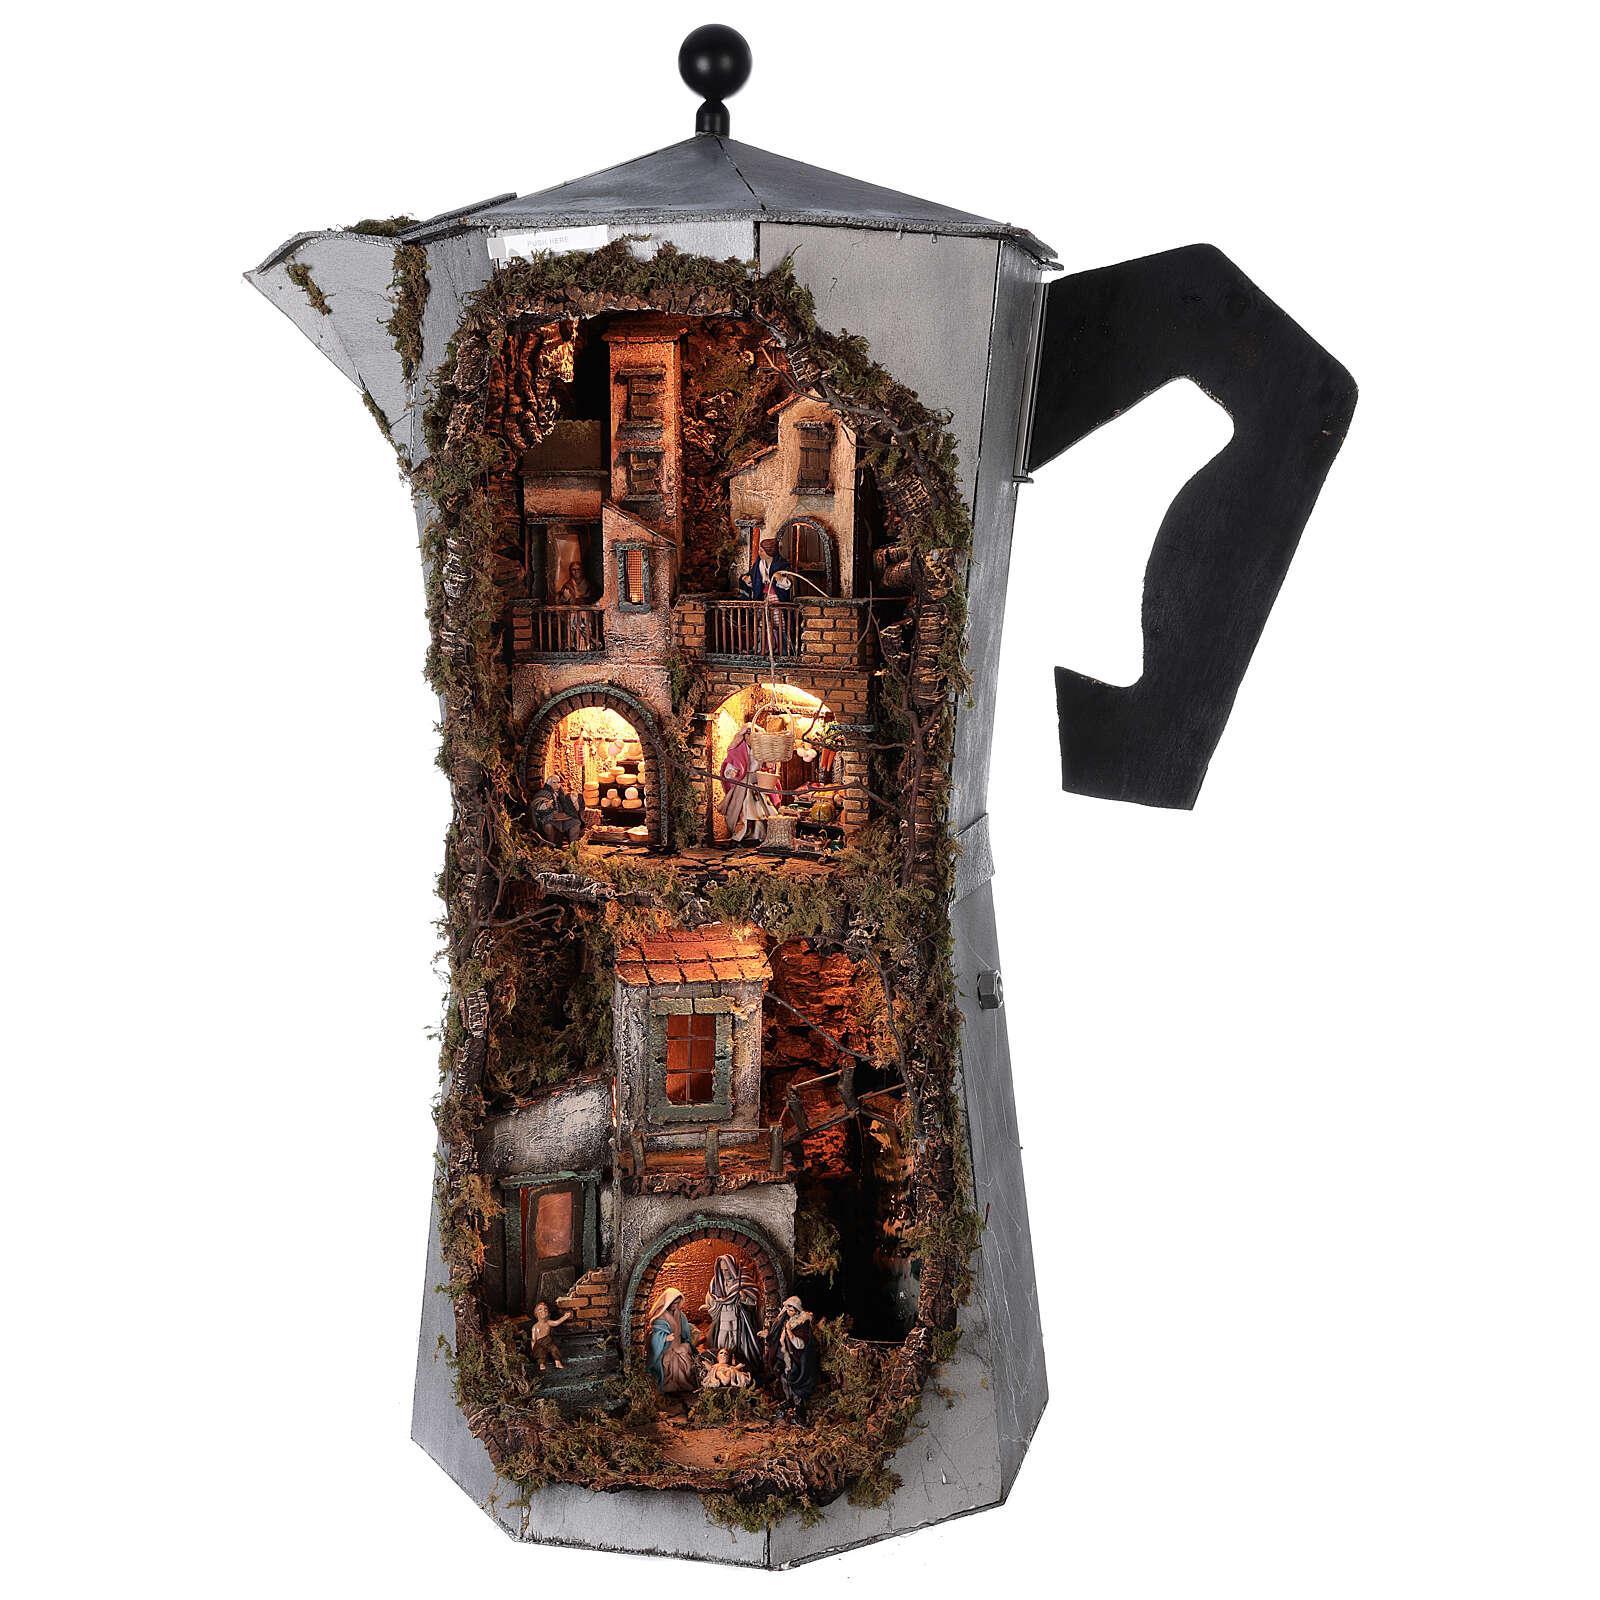 Presépio completo napolitano cafeteira moka com FUMAÇA VERDADEIRA, figuras terracota altura média 8 cm, medidas: 102x60x52 cm 4